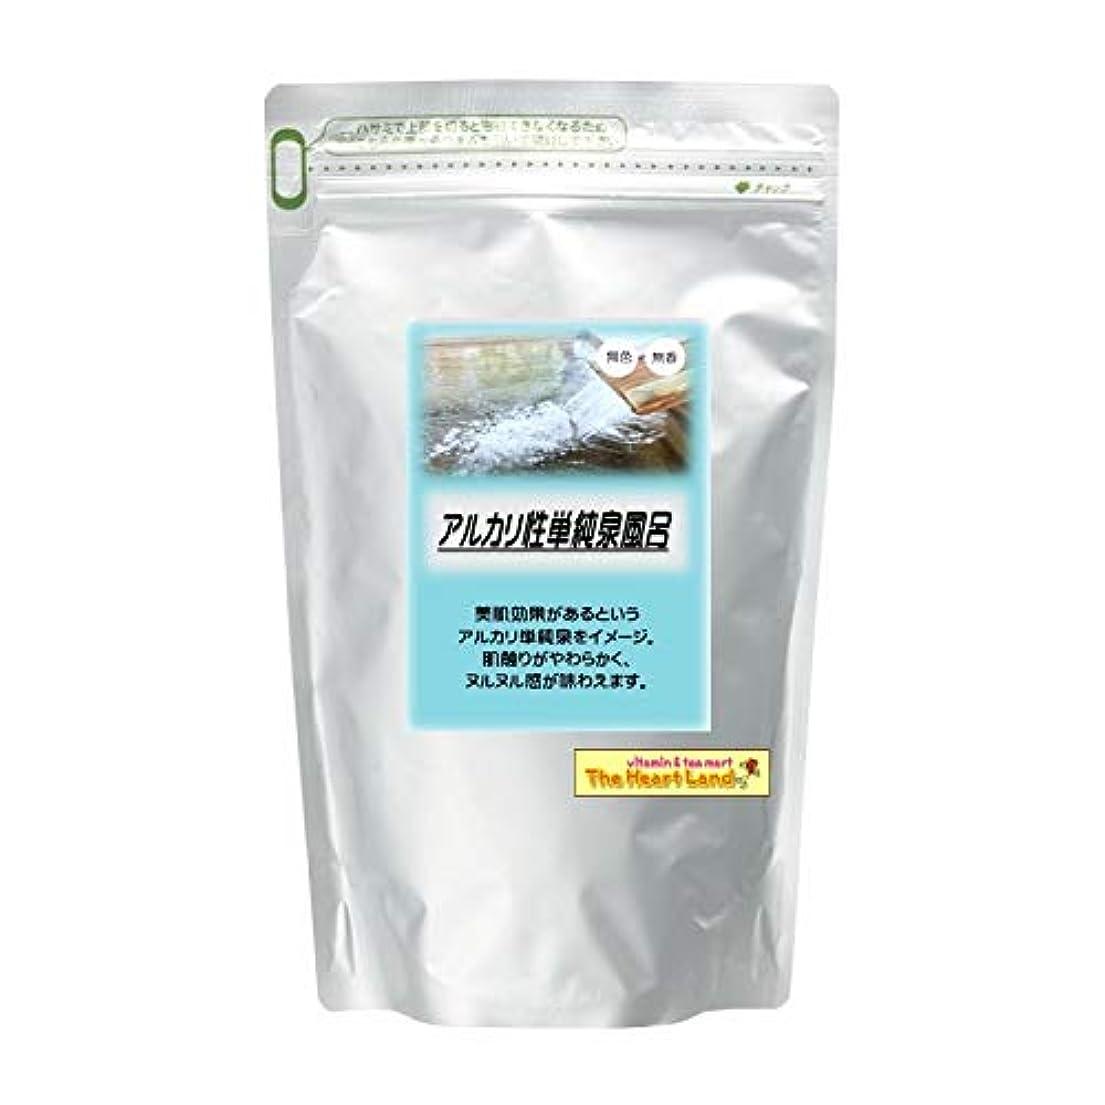 オーバードロー認めるアクセントアサヒ入浴剤 浴用入浴化粧品 アルカリ性単純泉風呂 2.5kg